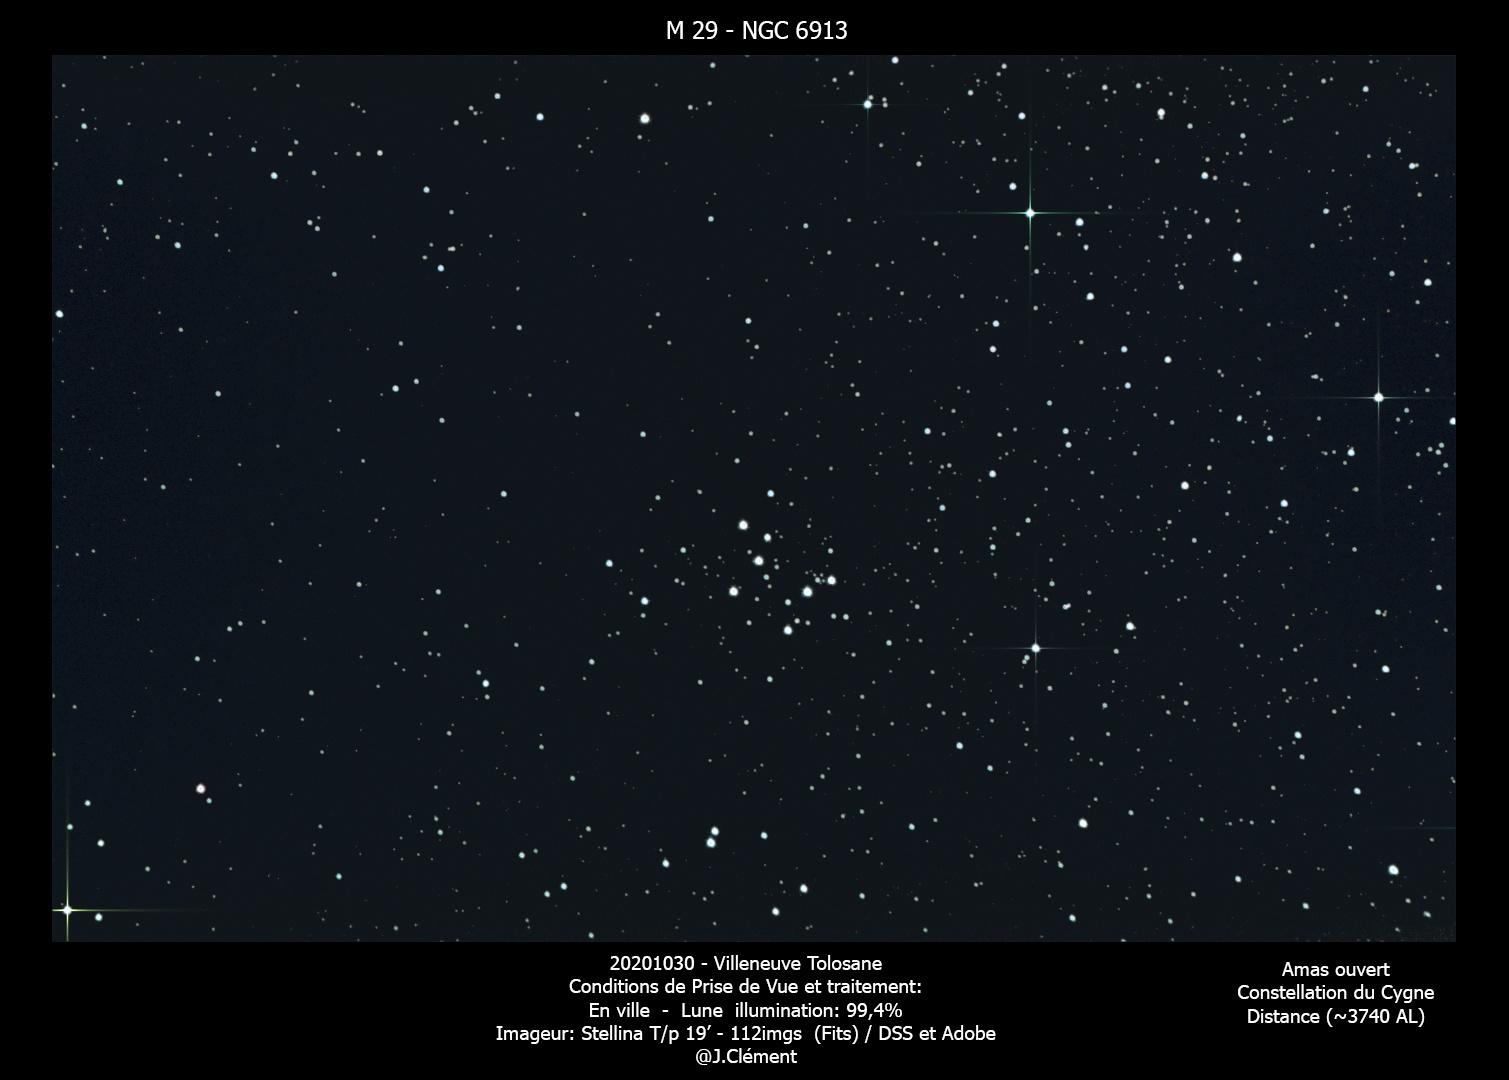 M27/29 Essai malgré la pleine lune avec l'imageur Stellina 20201011